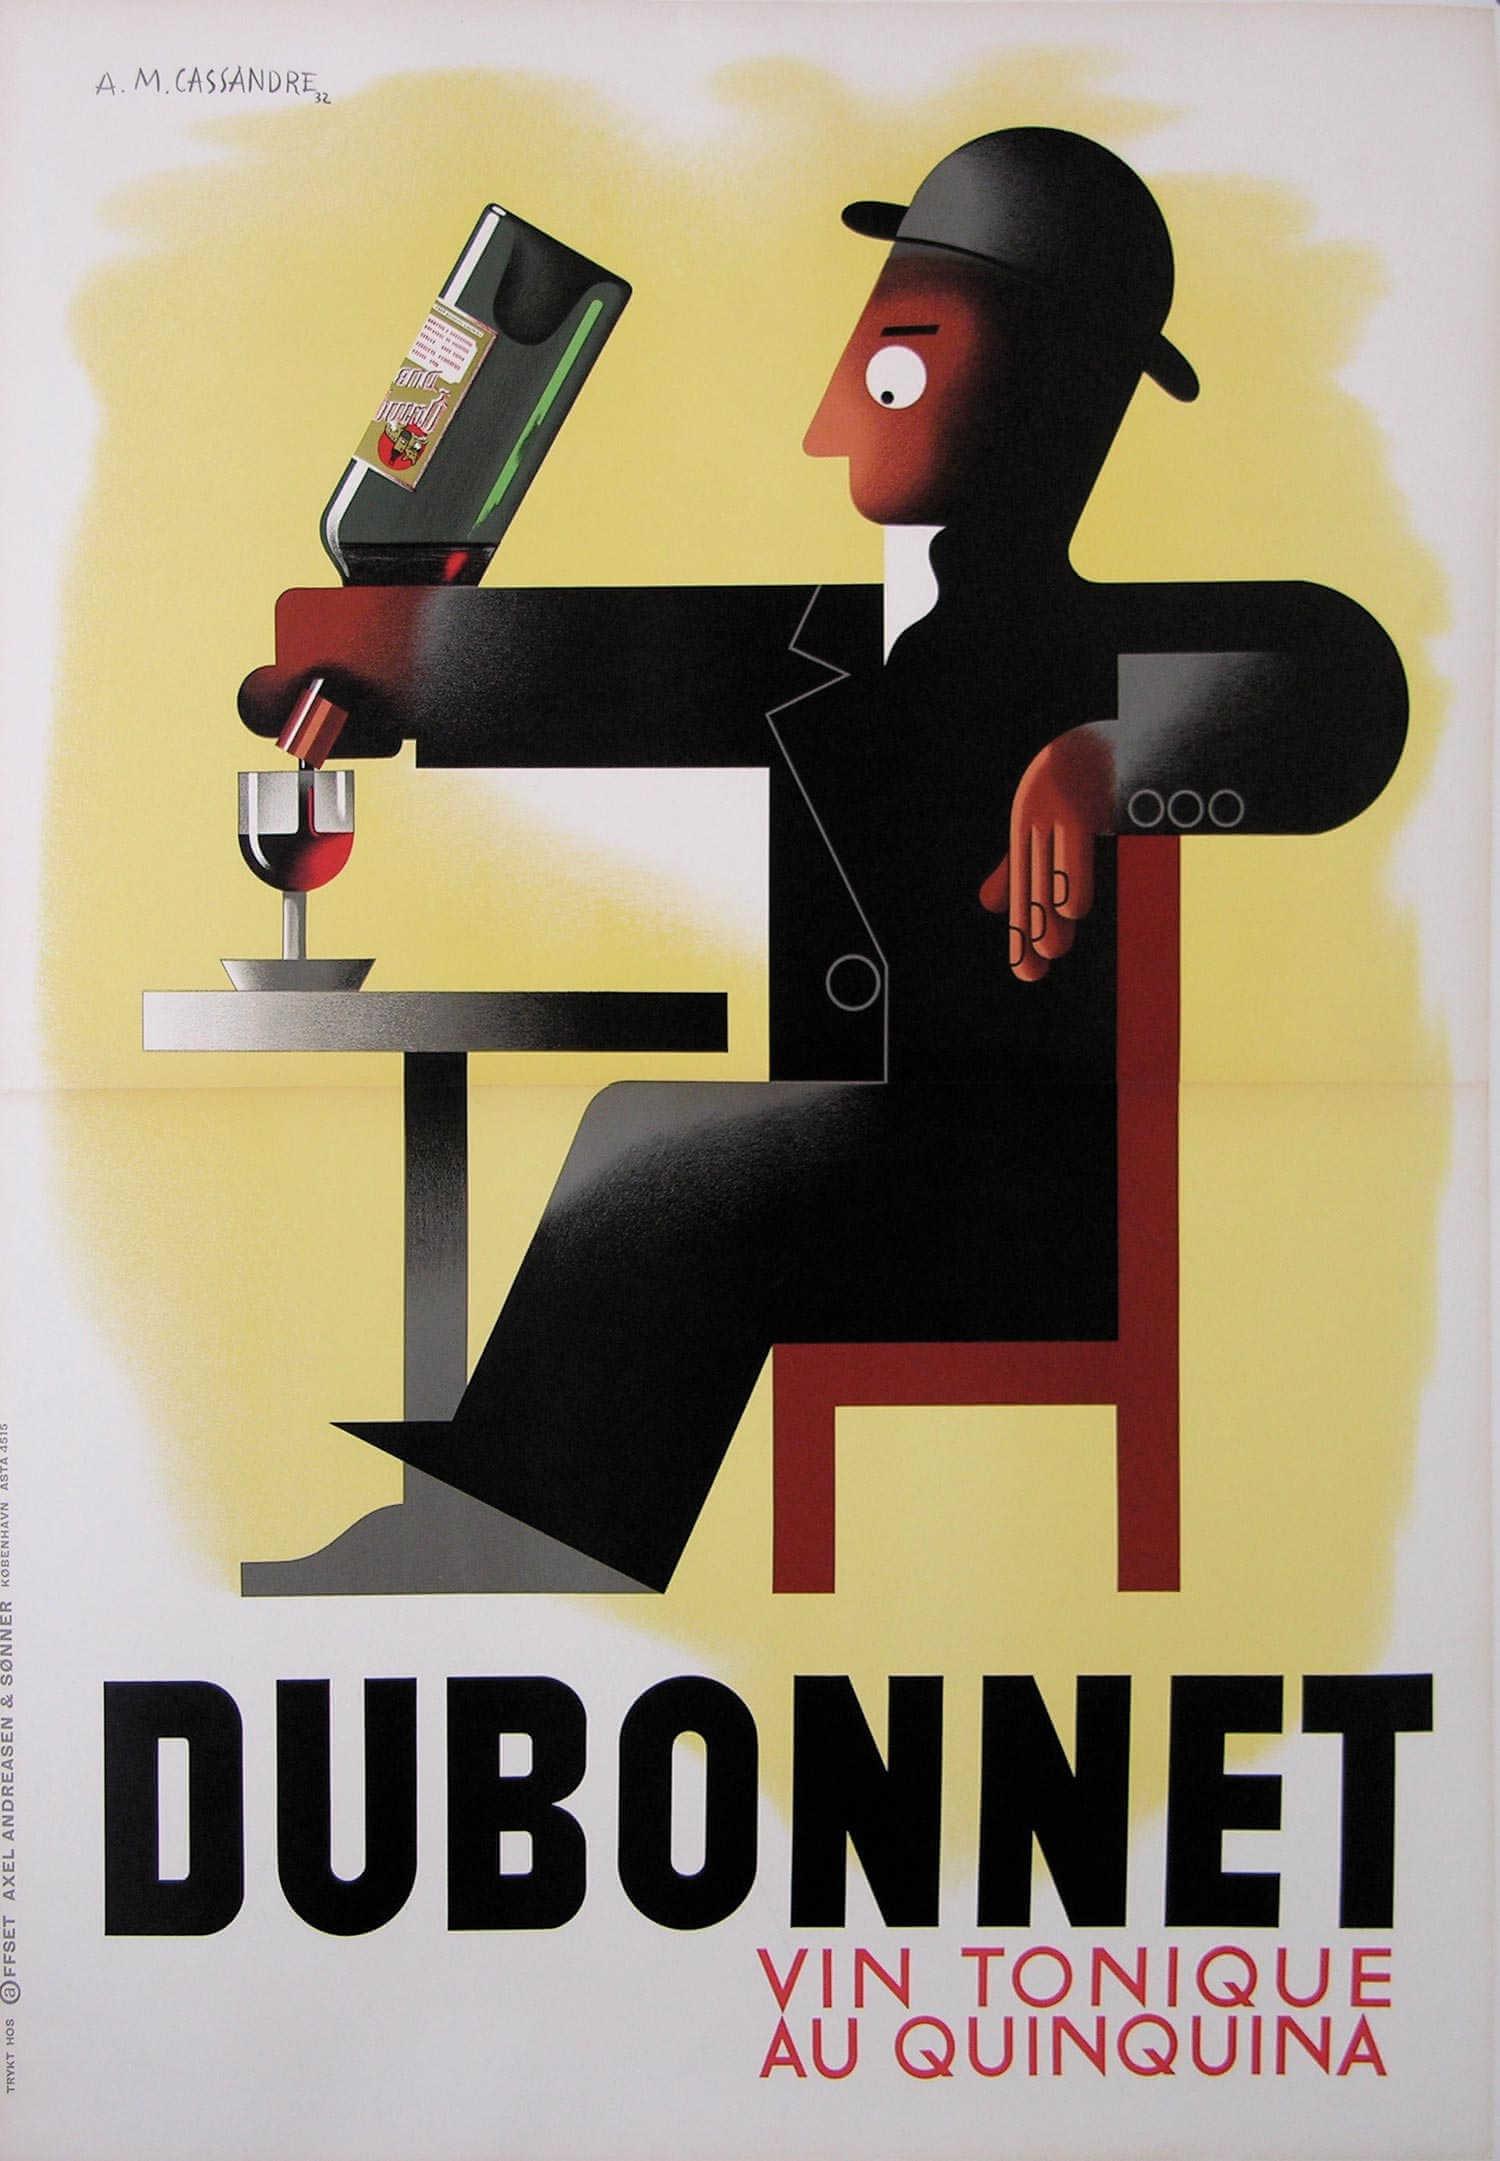 Dubonnet, cartel de vino francés diseñado por AM Cassandre